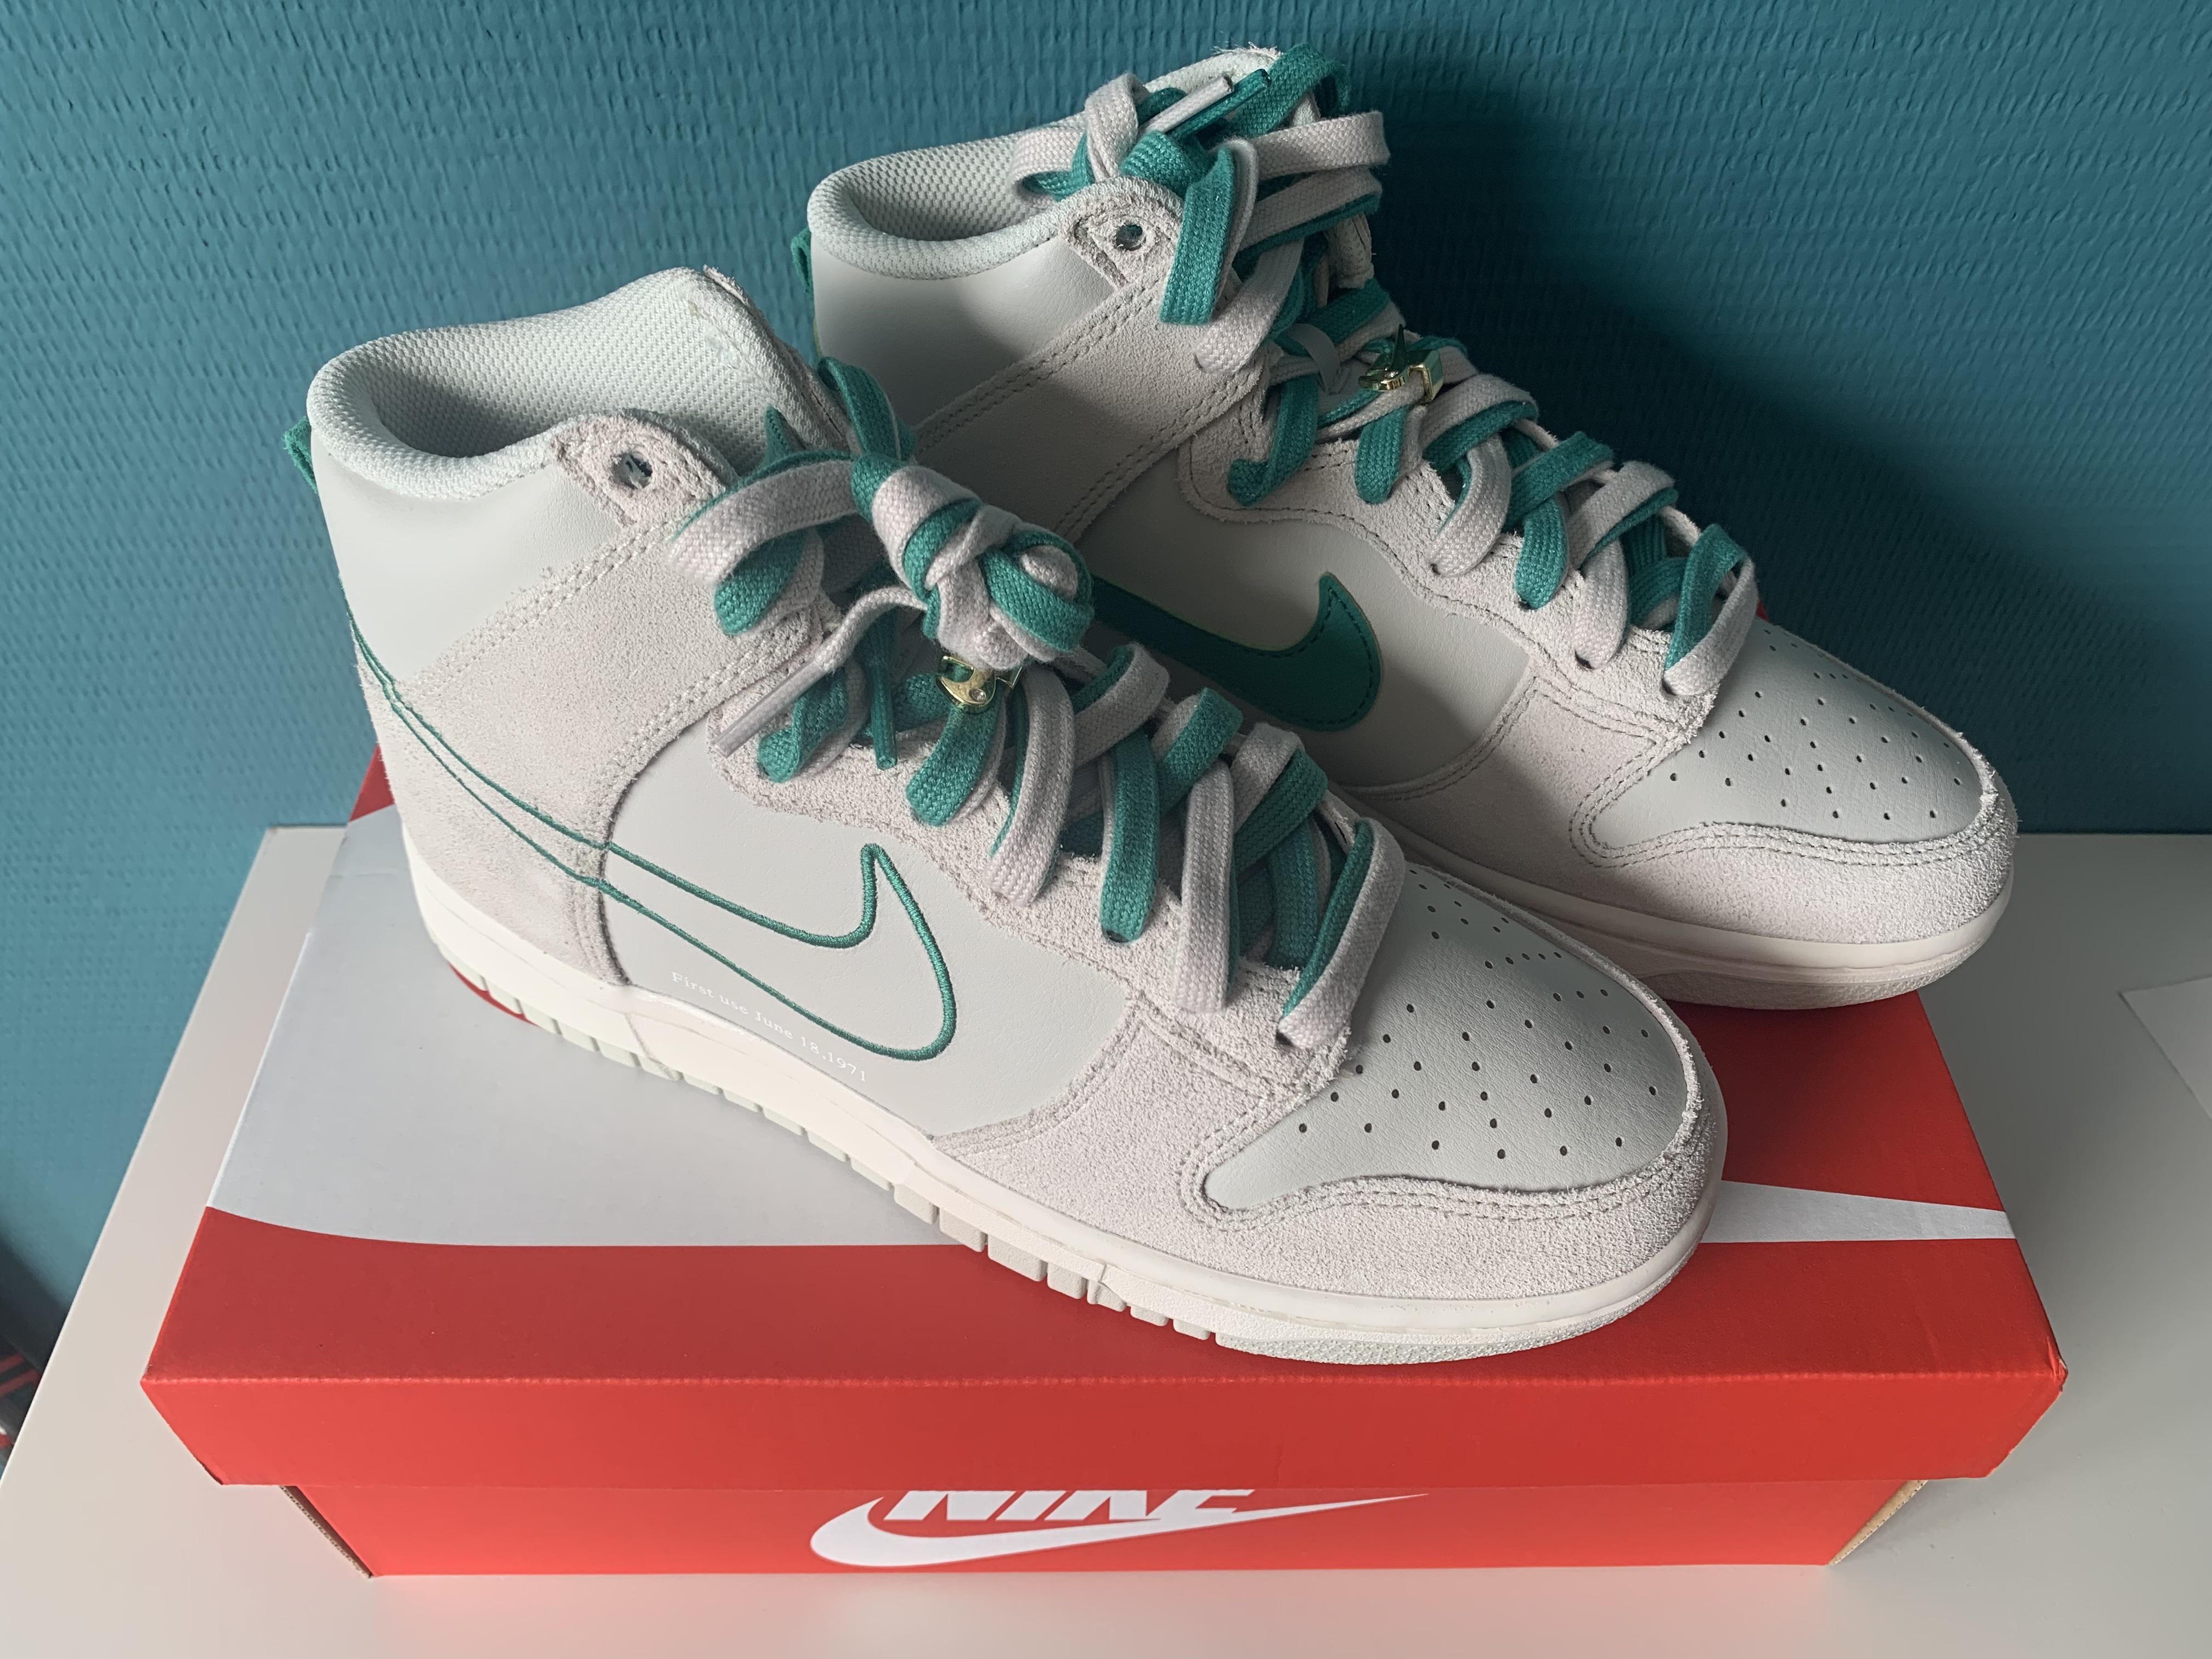 Nike - $155 - Size 4